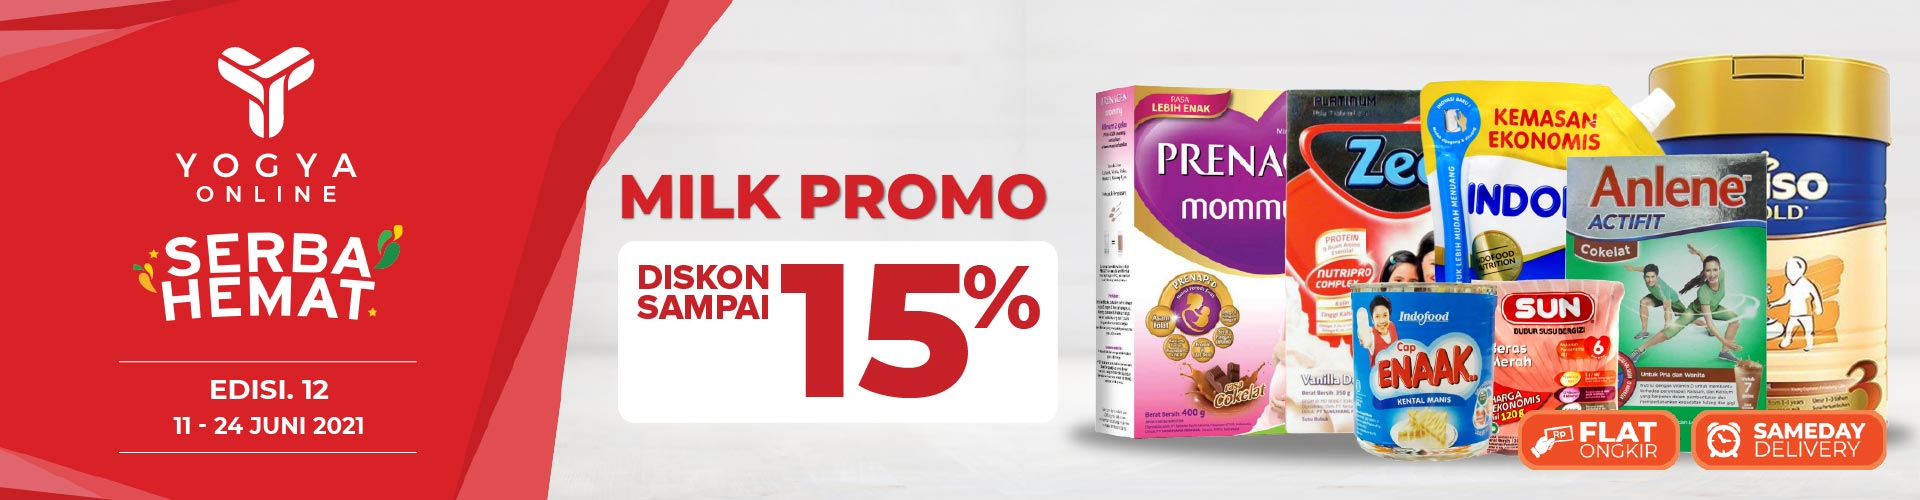 Milk Promo